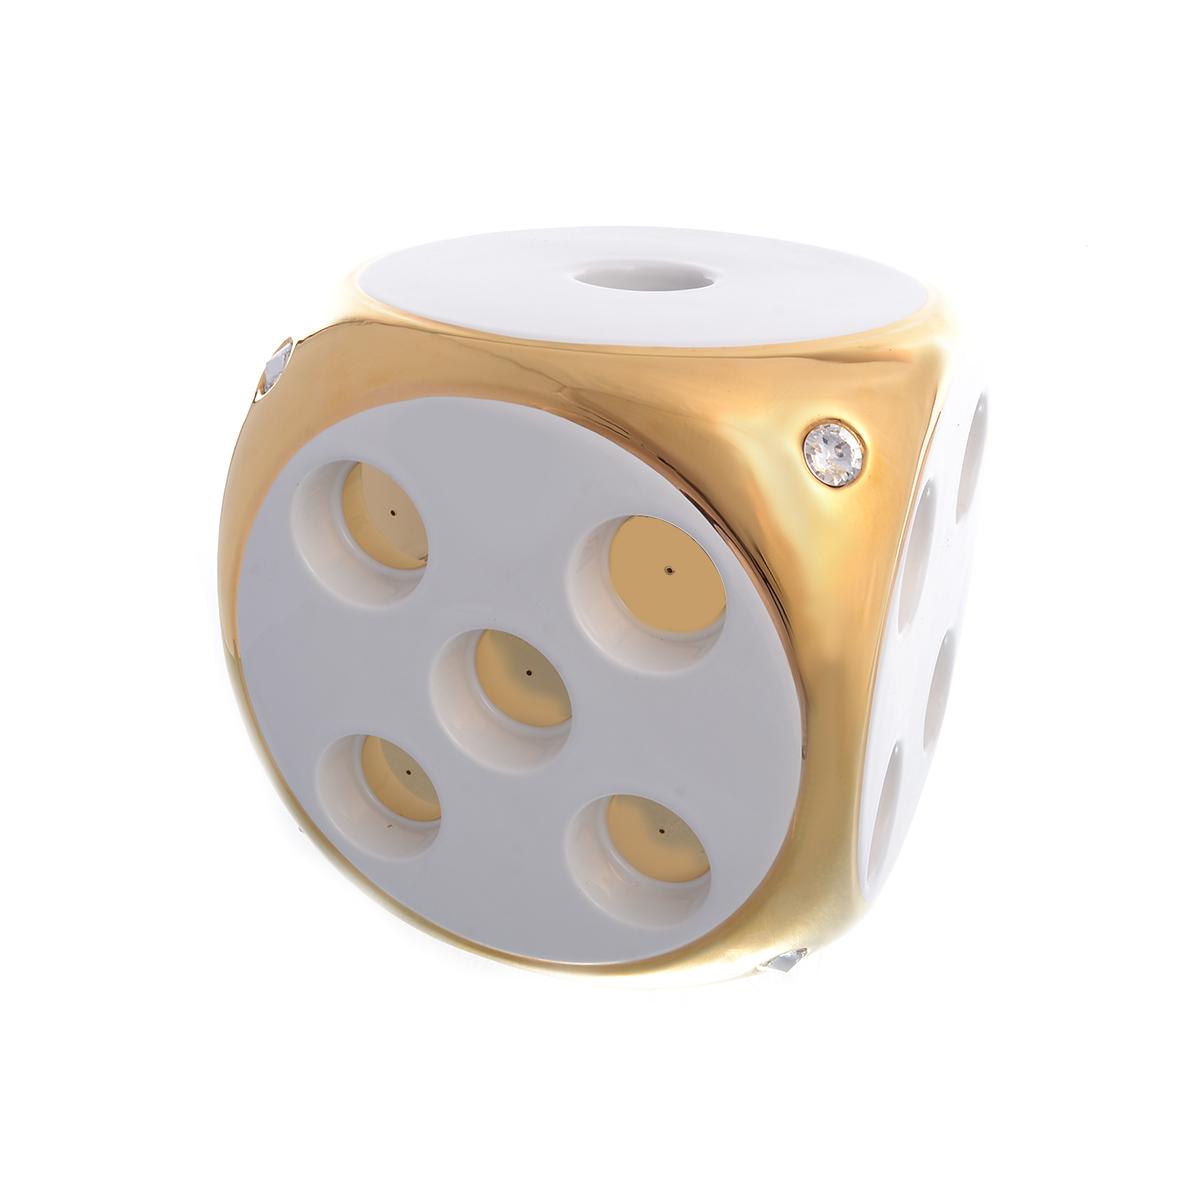 Подсвечник для ароматических свеч (bruno costenaro) золотой 20x20x20 см..